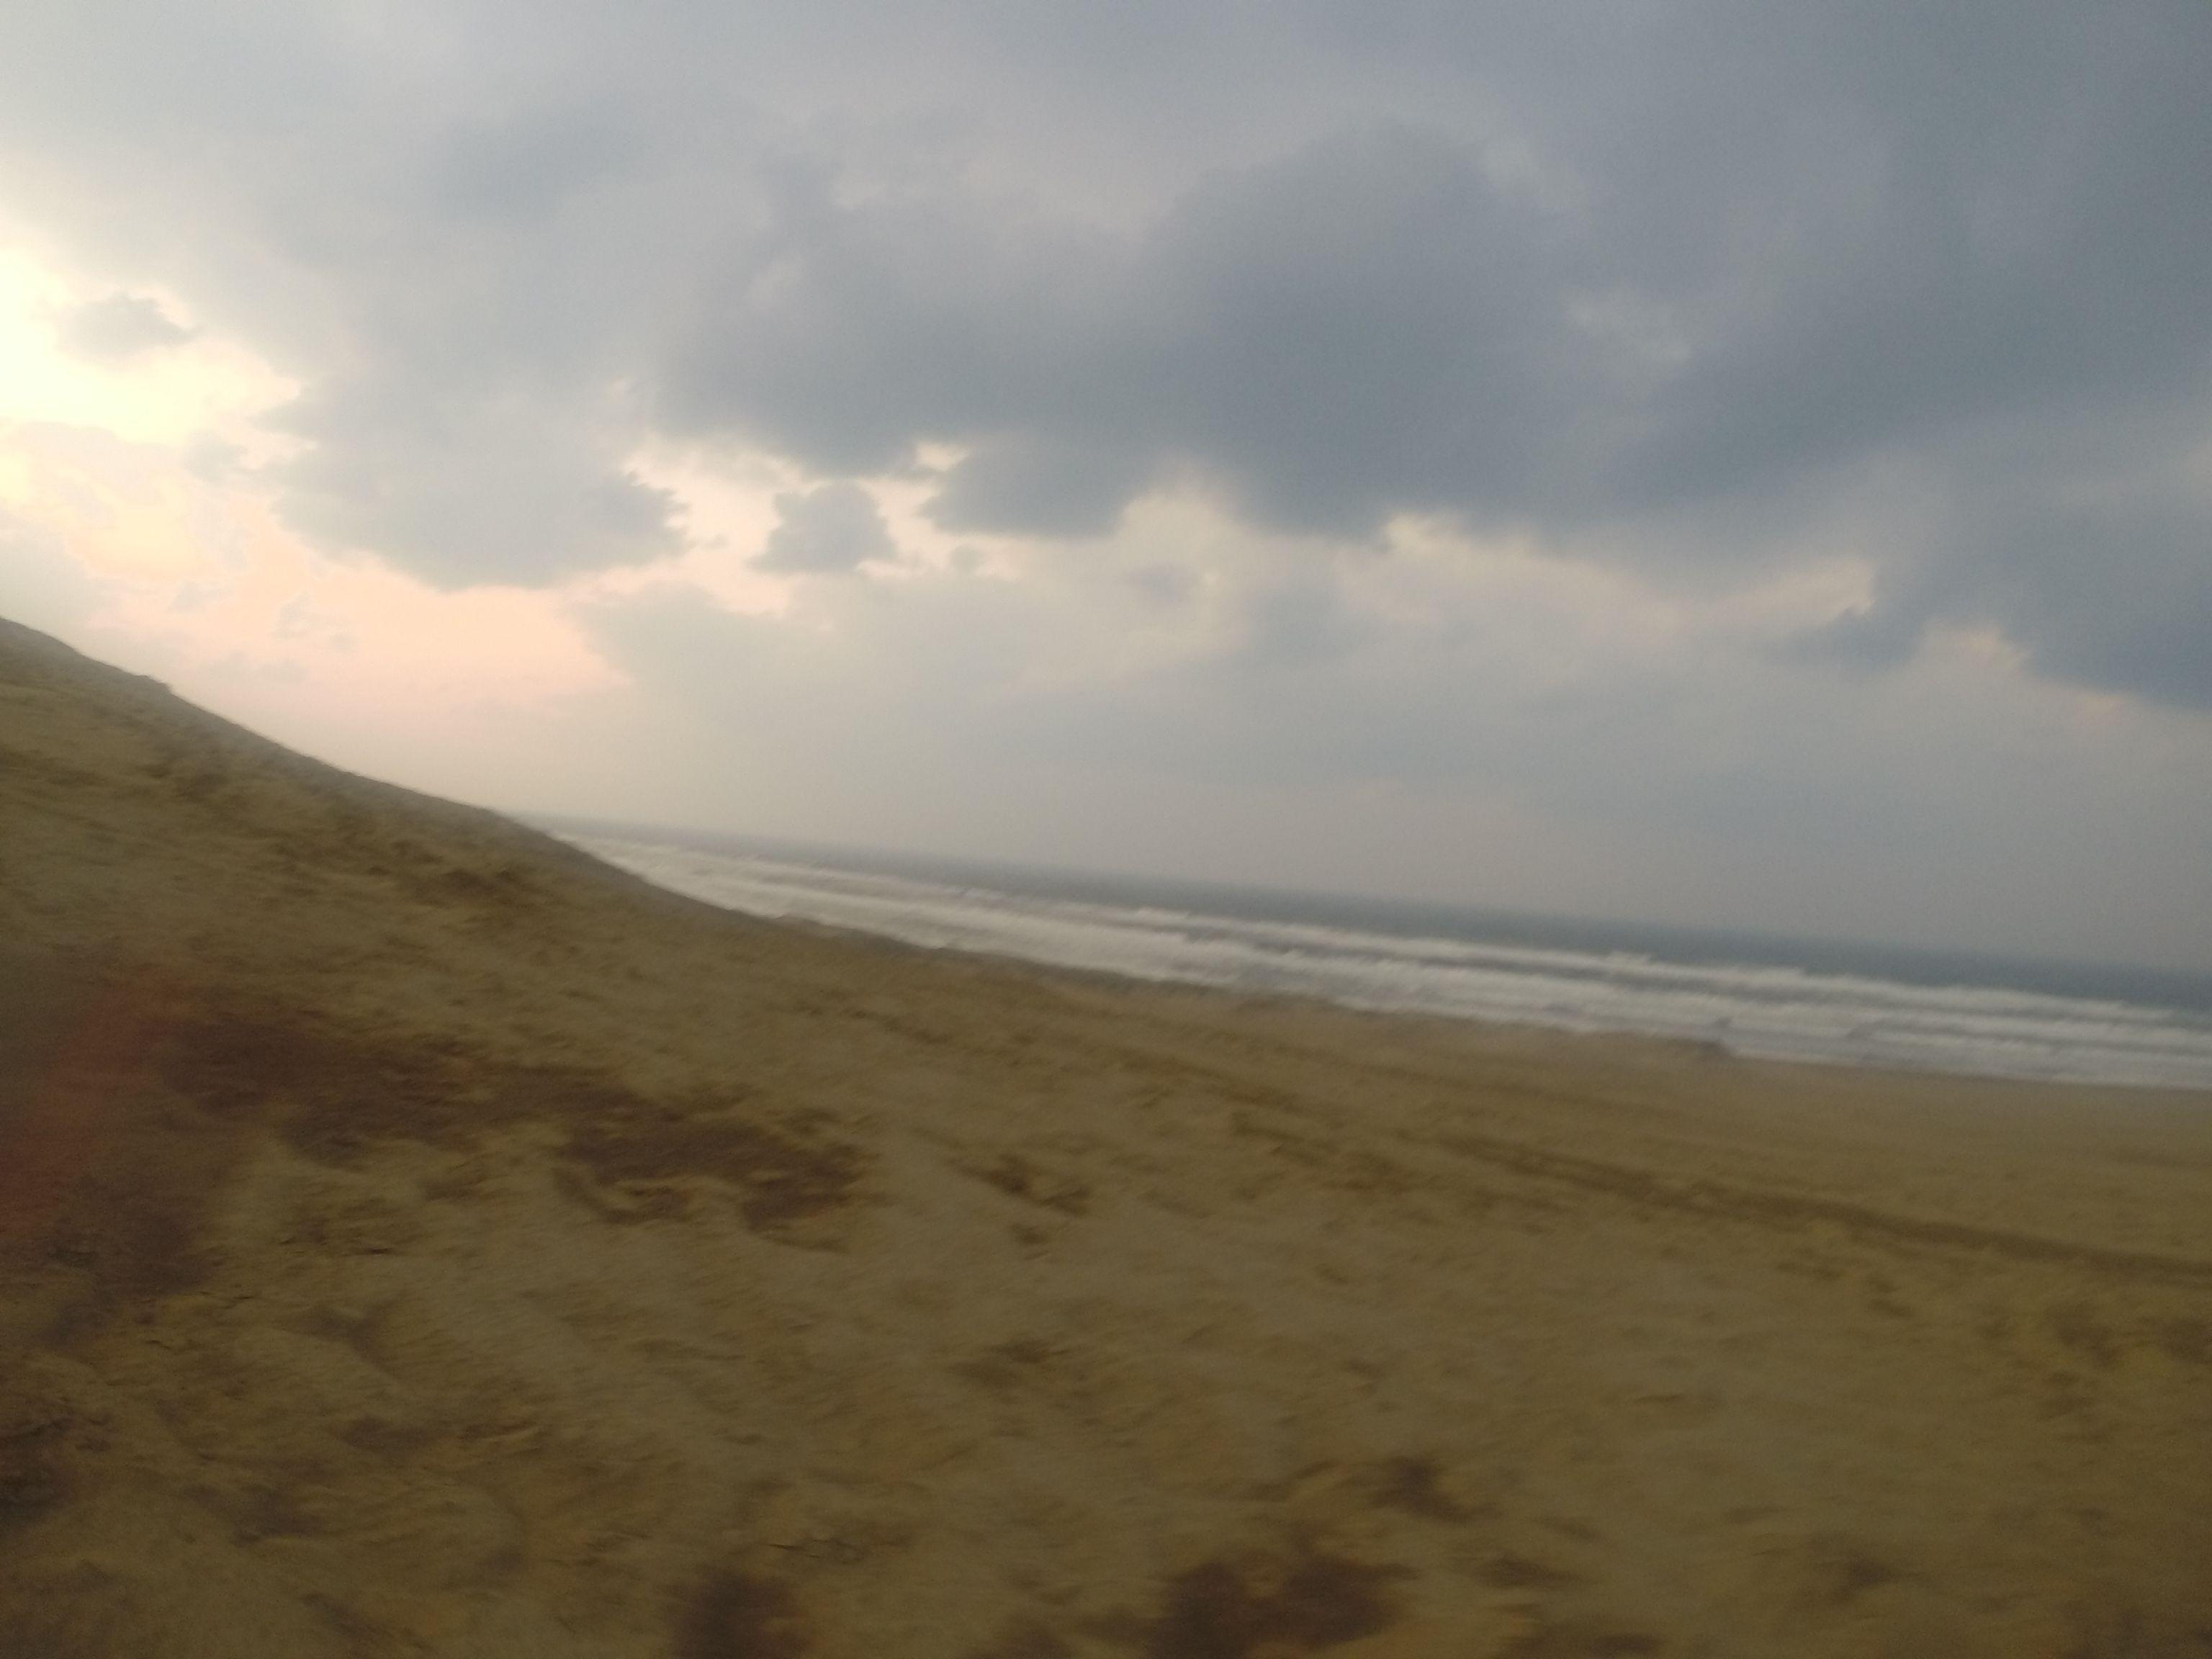 荒々しい日本海の波の音が響き渡っています